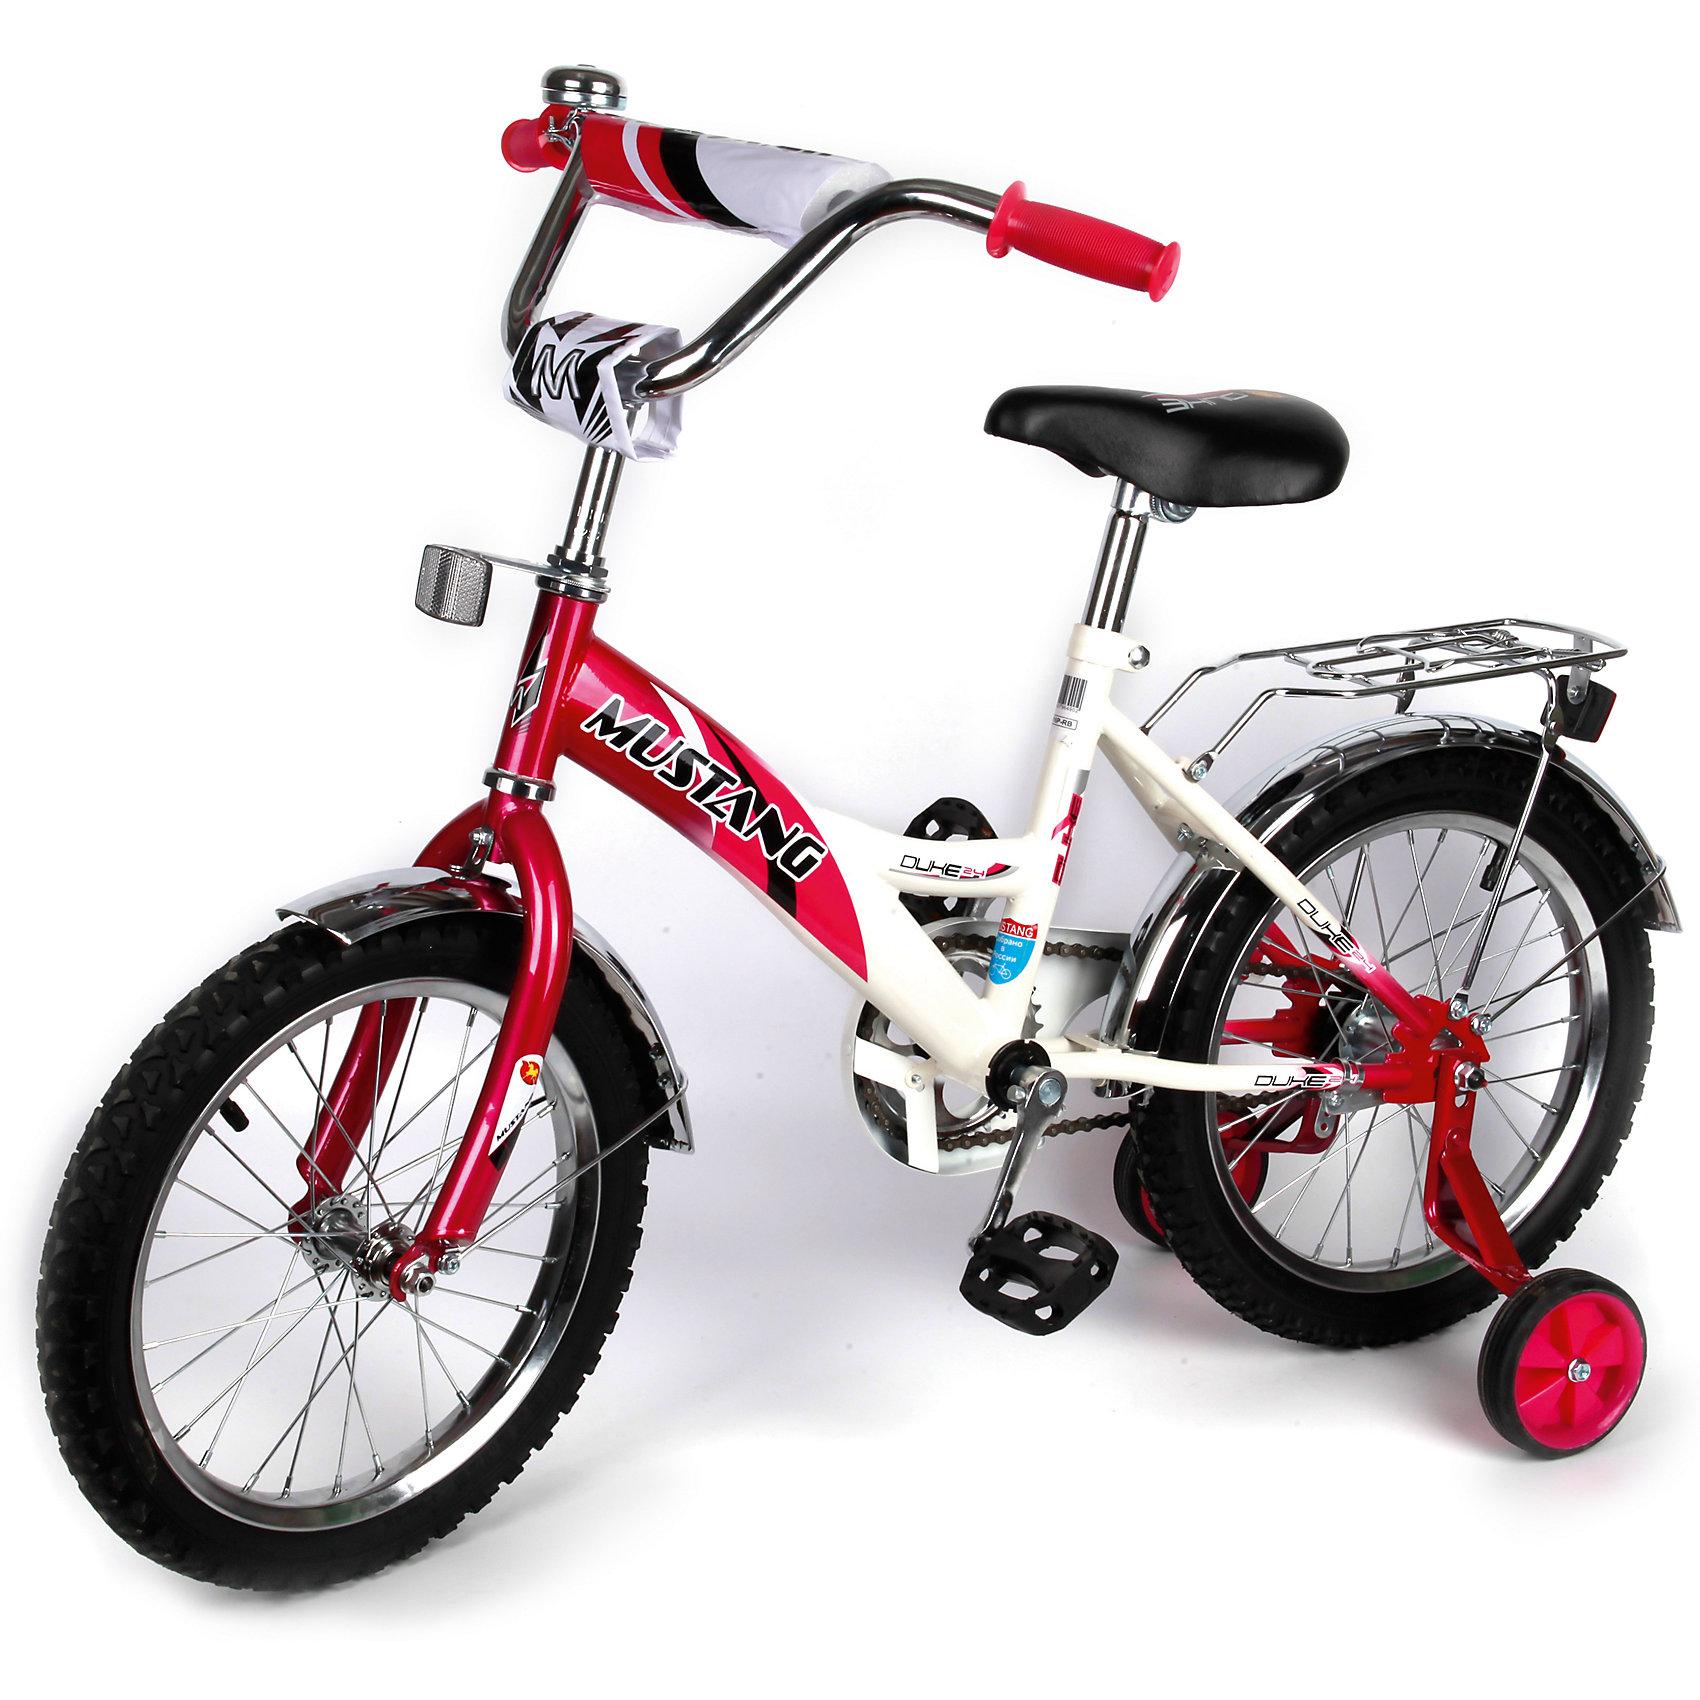 """Детский велосипед,  14"""",  малиновый/белый, MustangВелосипеды детские<br>Характеристики товара:<br><br>• цвет: малиновый, белый<br>• низкая рама<br>• диаметр колес: 35 см (14)<br>• 1 скорость<br>• задний ножной тормоз<br>• регулируемый хромированный руль BMX с защитной накладкой<br>• багажник<br>• звонок<br>• приставные пластиковые колеса с усиленным кронштейном<br>• усиленные хромированные крылья<br>• ограничитель поворота руля<br>• полная защита цепи """"Р"""" типа<br>• вес: 10,5 кг<br>• размер в собранном виде: 68х50х100 см<br>• допустимый вес: до 40 кг<br>• рекомендуемый возраст: от 3 лет<br>• страна производства: Китай<br><br>Велосипед детский «Mustang» 14"""" можно купить в нашем магазине.<br><br>Ширина мм: 500<br>Глубина мм: 680<br>Высота мм: 1000<br>Вес г: 10500<br>Возраст от месяцев: 36<br>Возраст до месяцев: 72<br>Пол: Женский<br>Возраст: Детский<br>SKU: 5526388"""